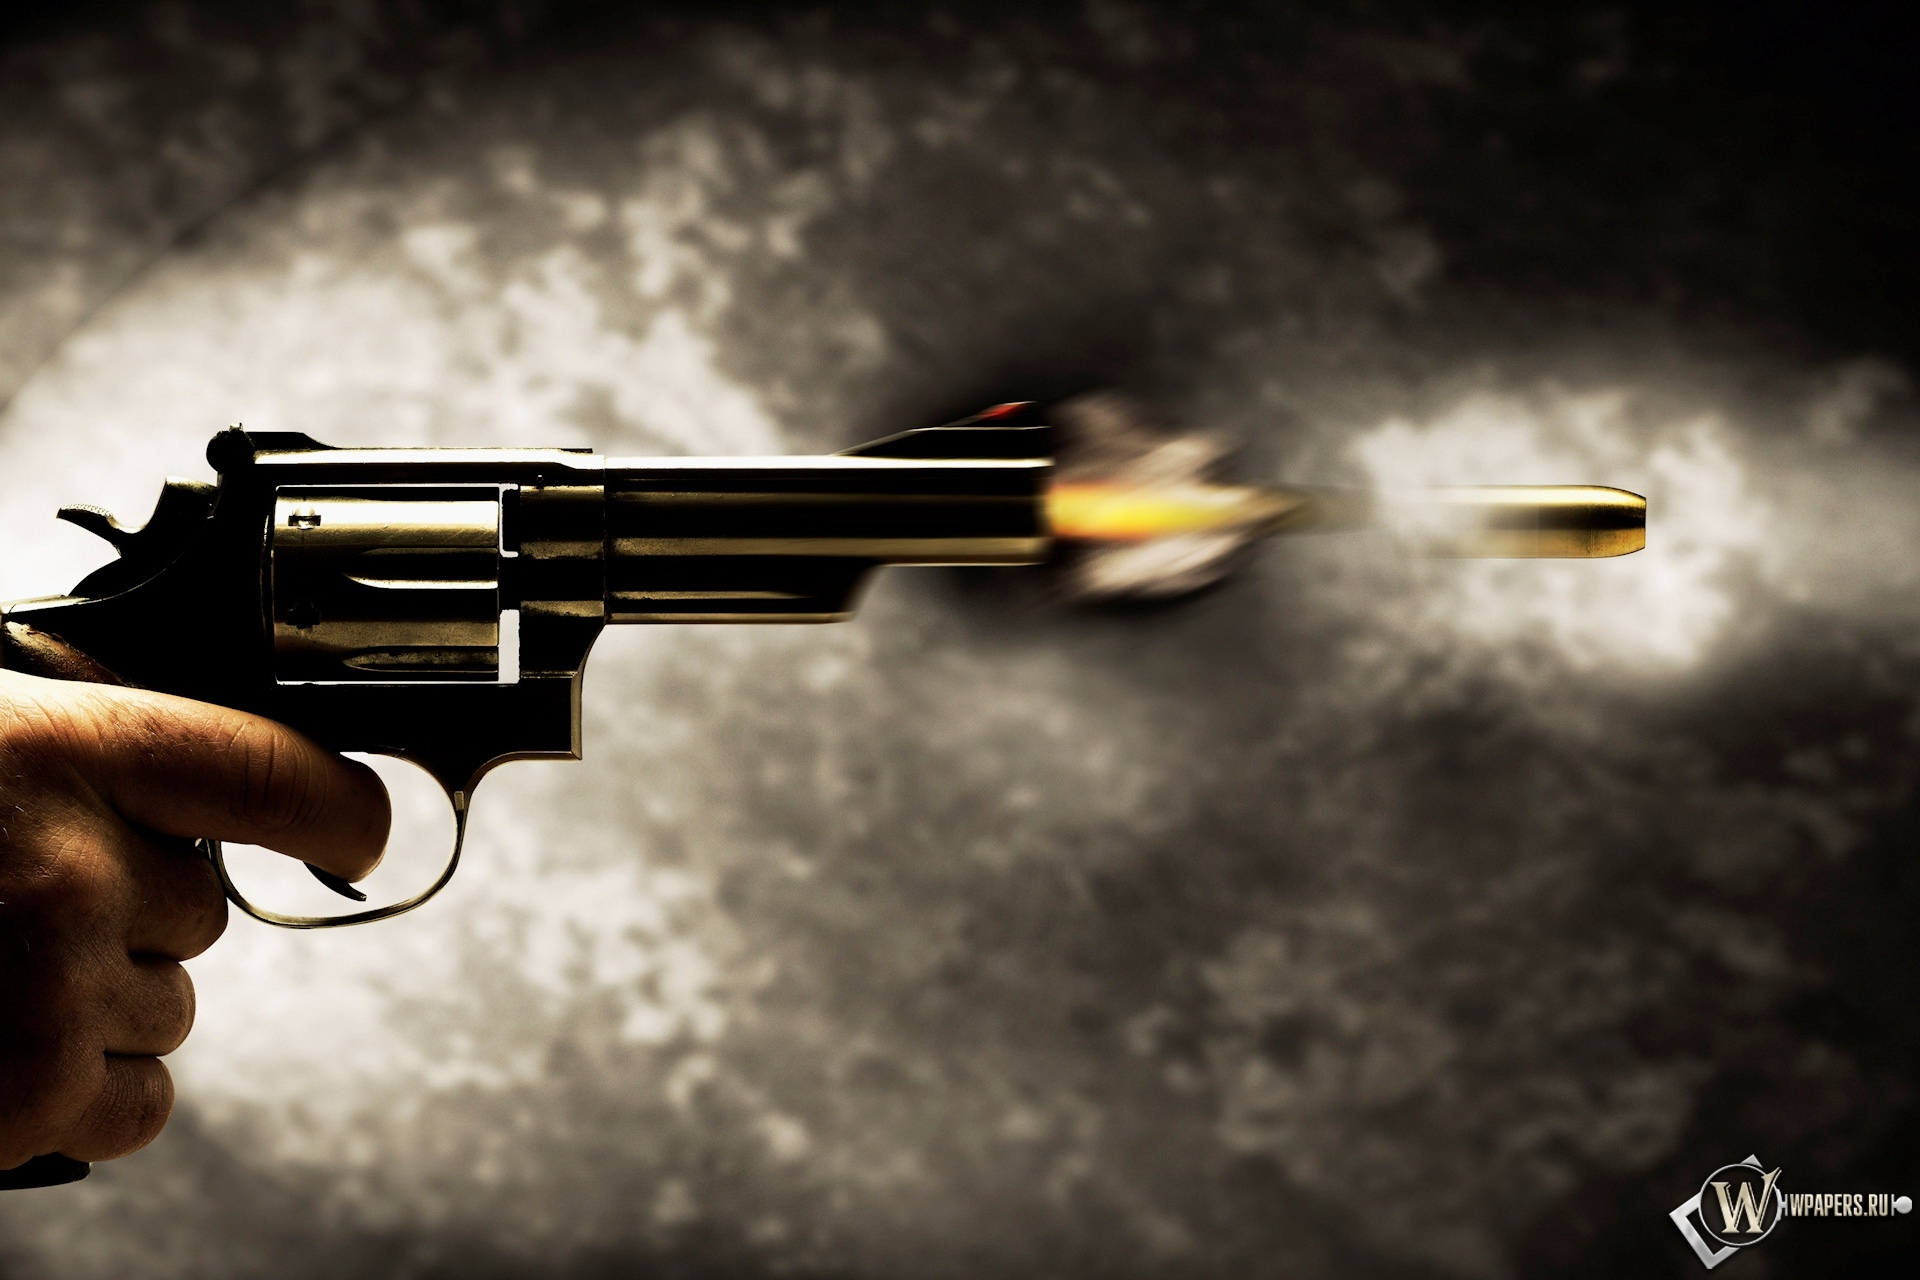 револьвер фильм обои на рабочий стол № 1277778 бесплатно